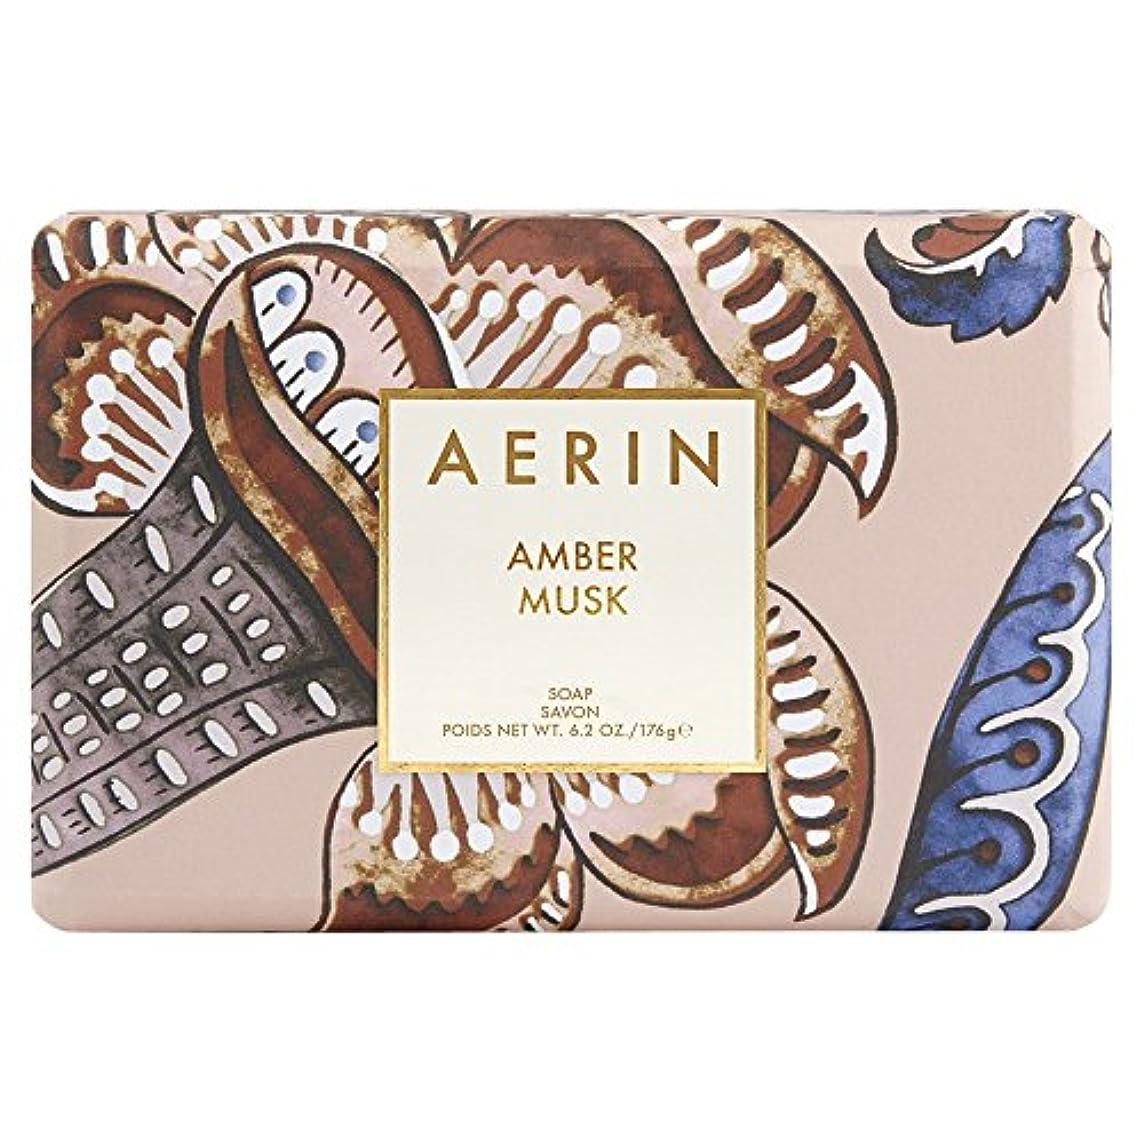 流体エキゾチック要塞Aerinアンバームスクソープ176グラム (AERIN) - AERIN Amber Musk Soap 176g [並行輸入品]